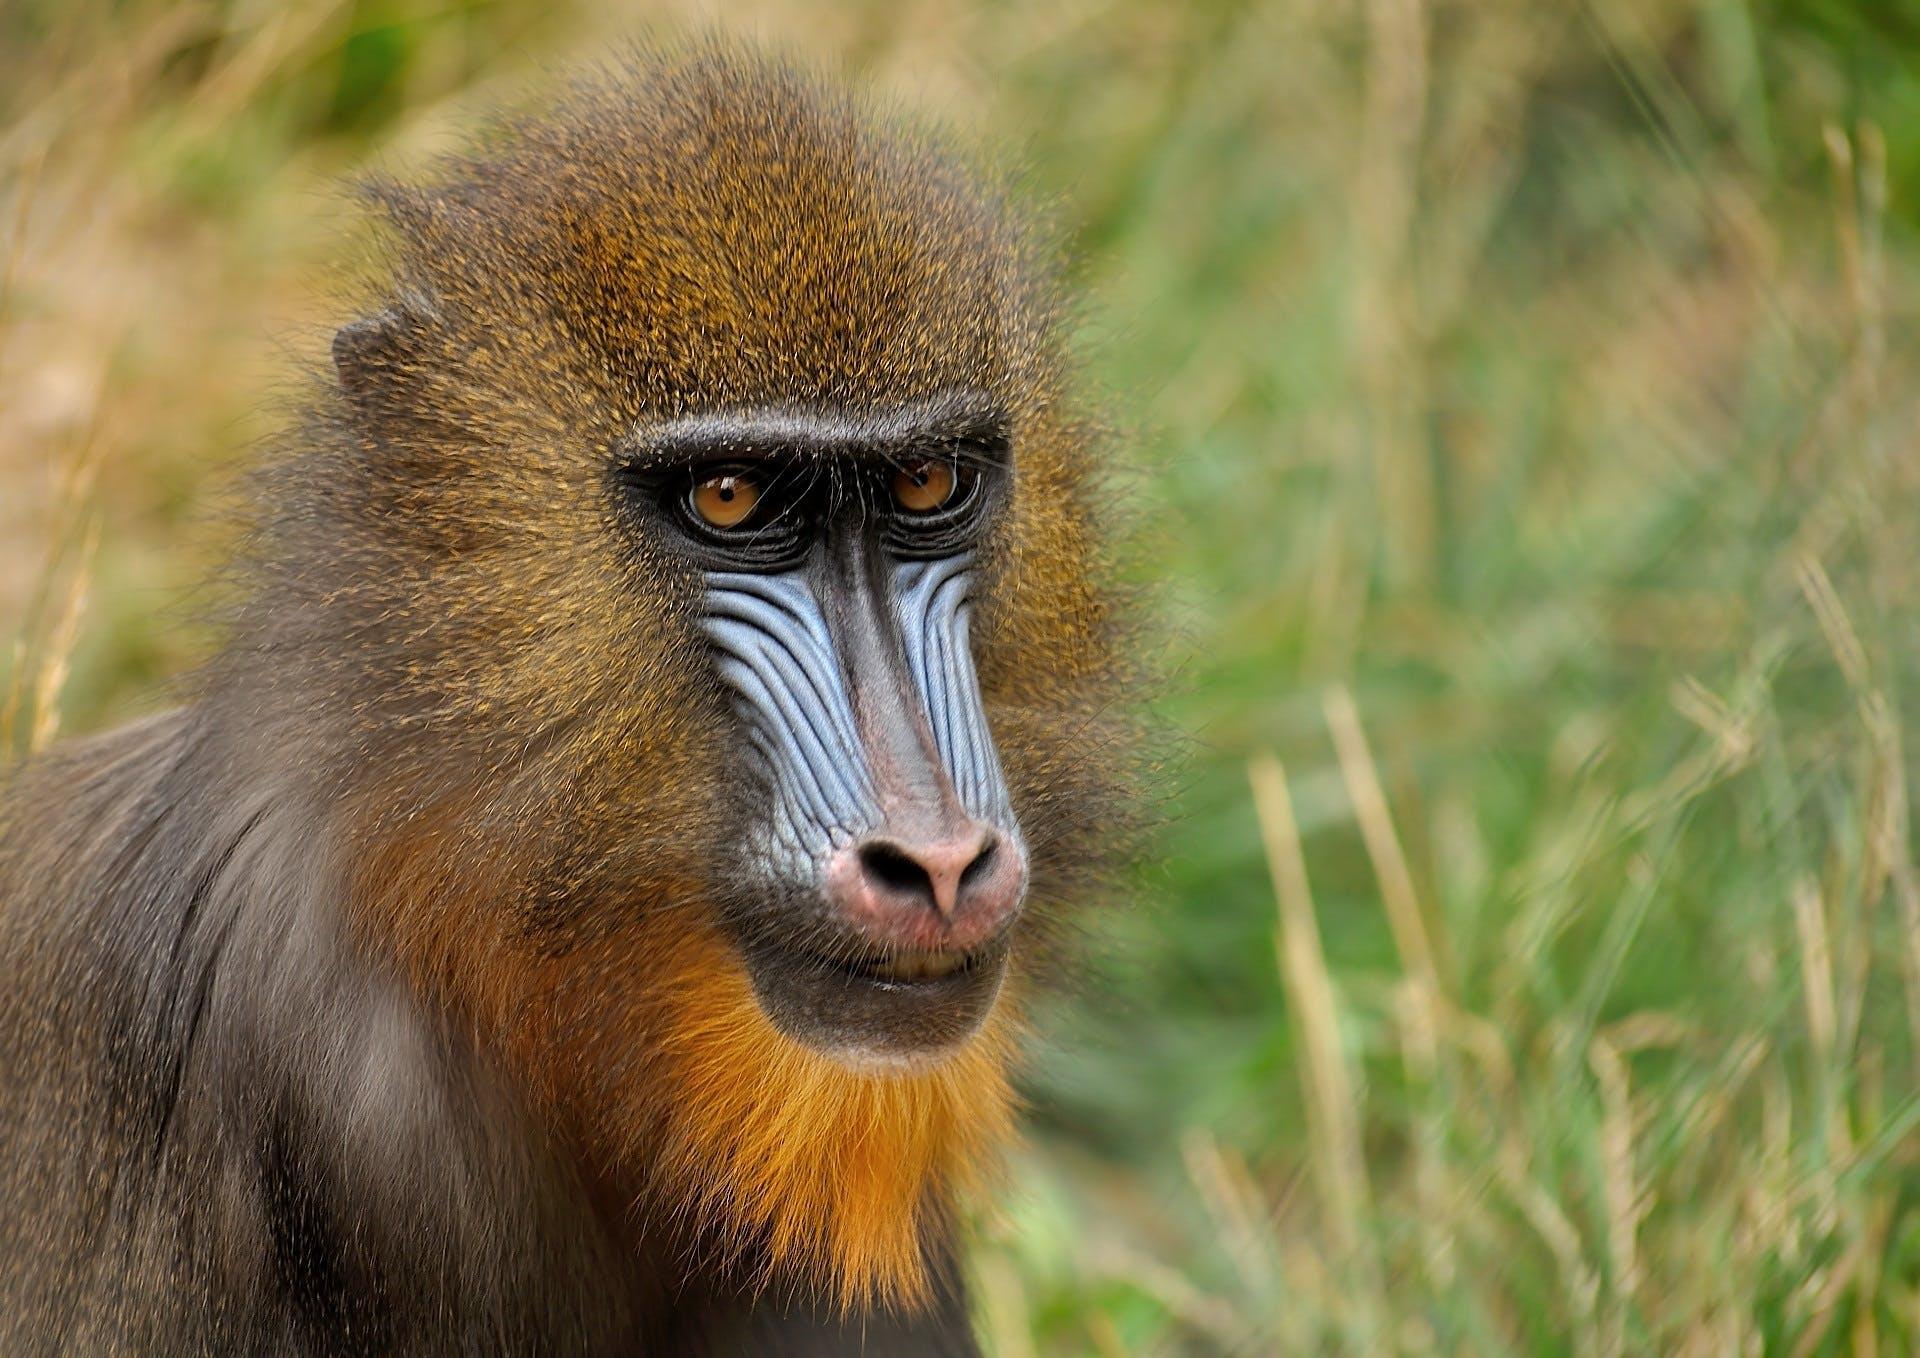 Darmowe zdjęcie z galerii z dzika przyroda, mandryl, małpa, natura